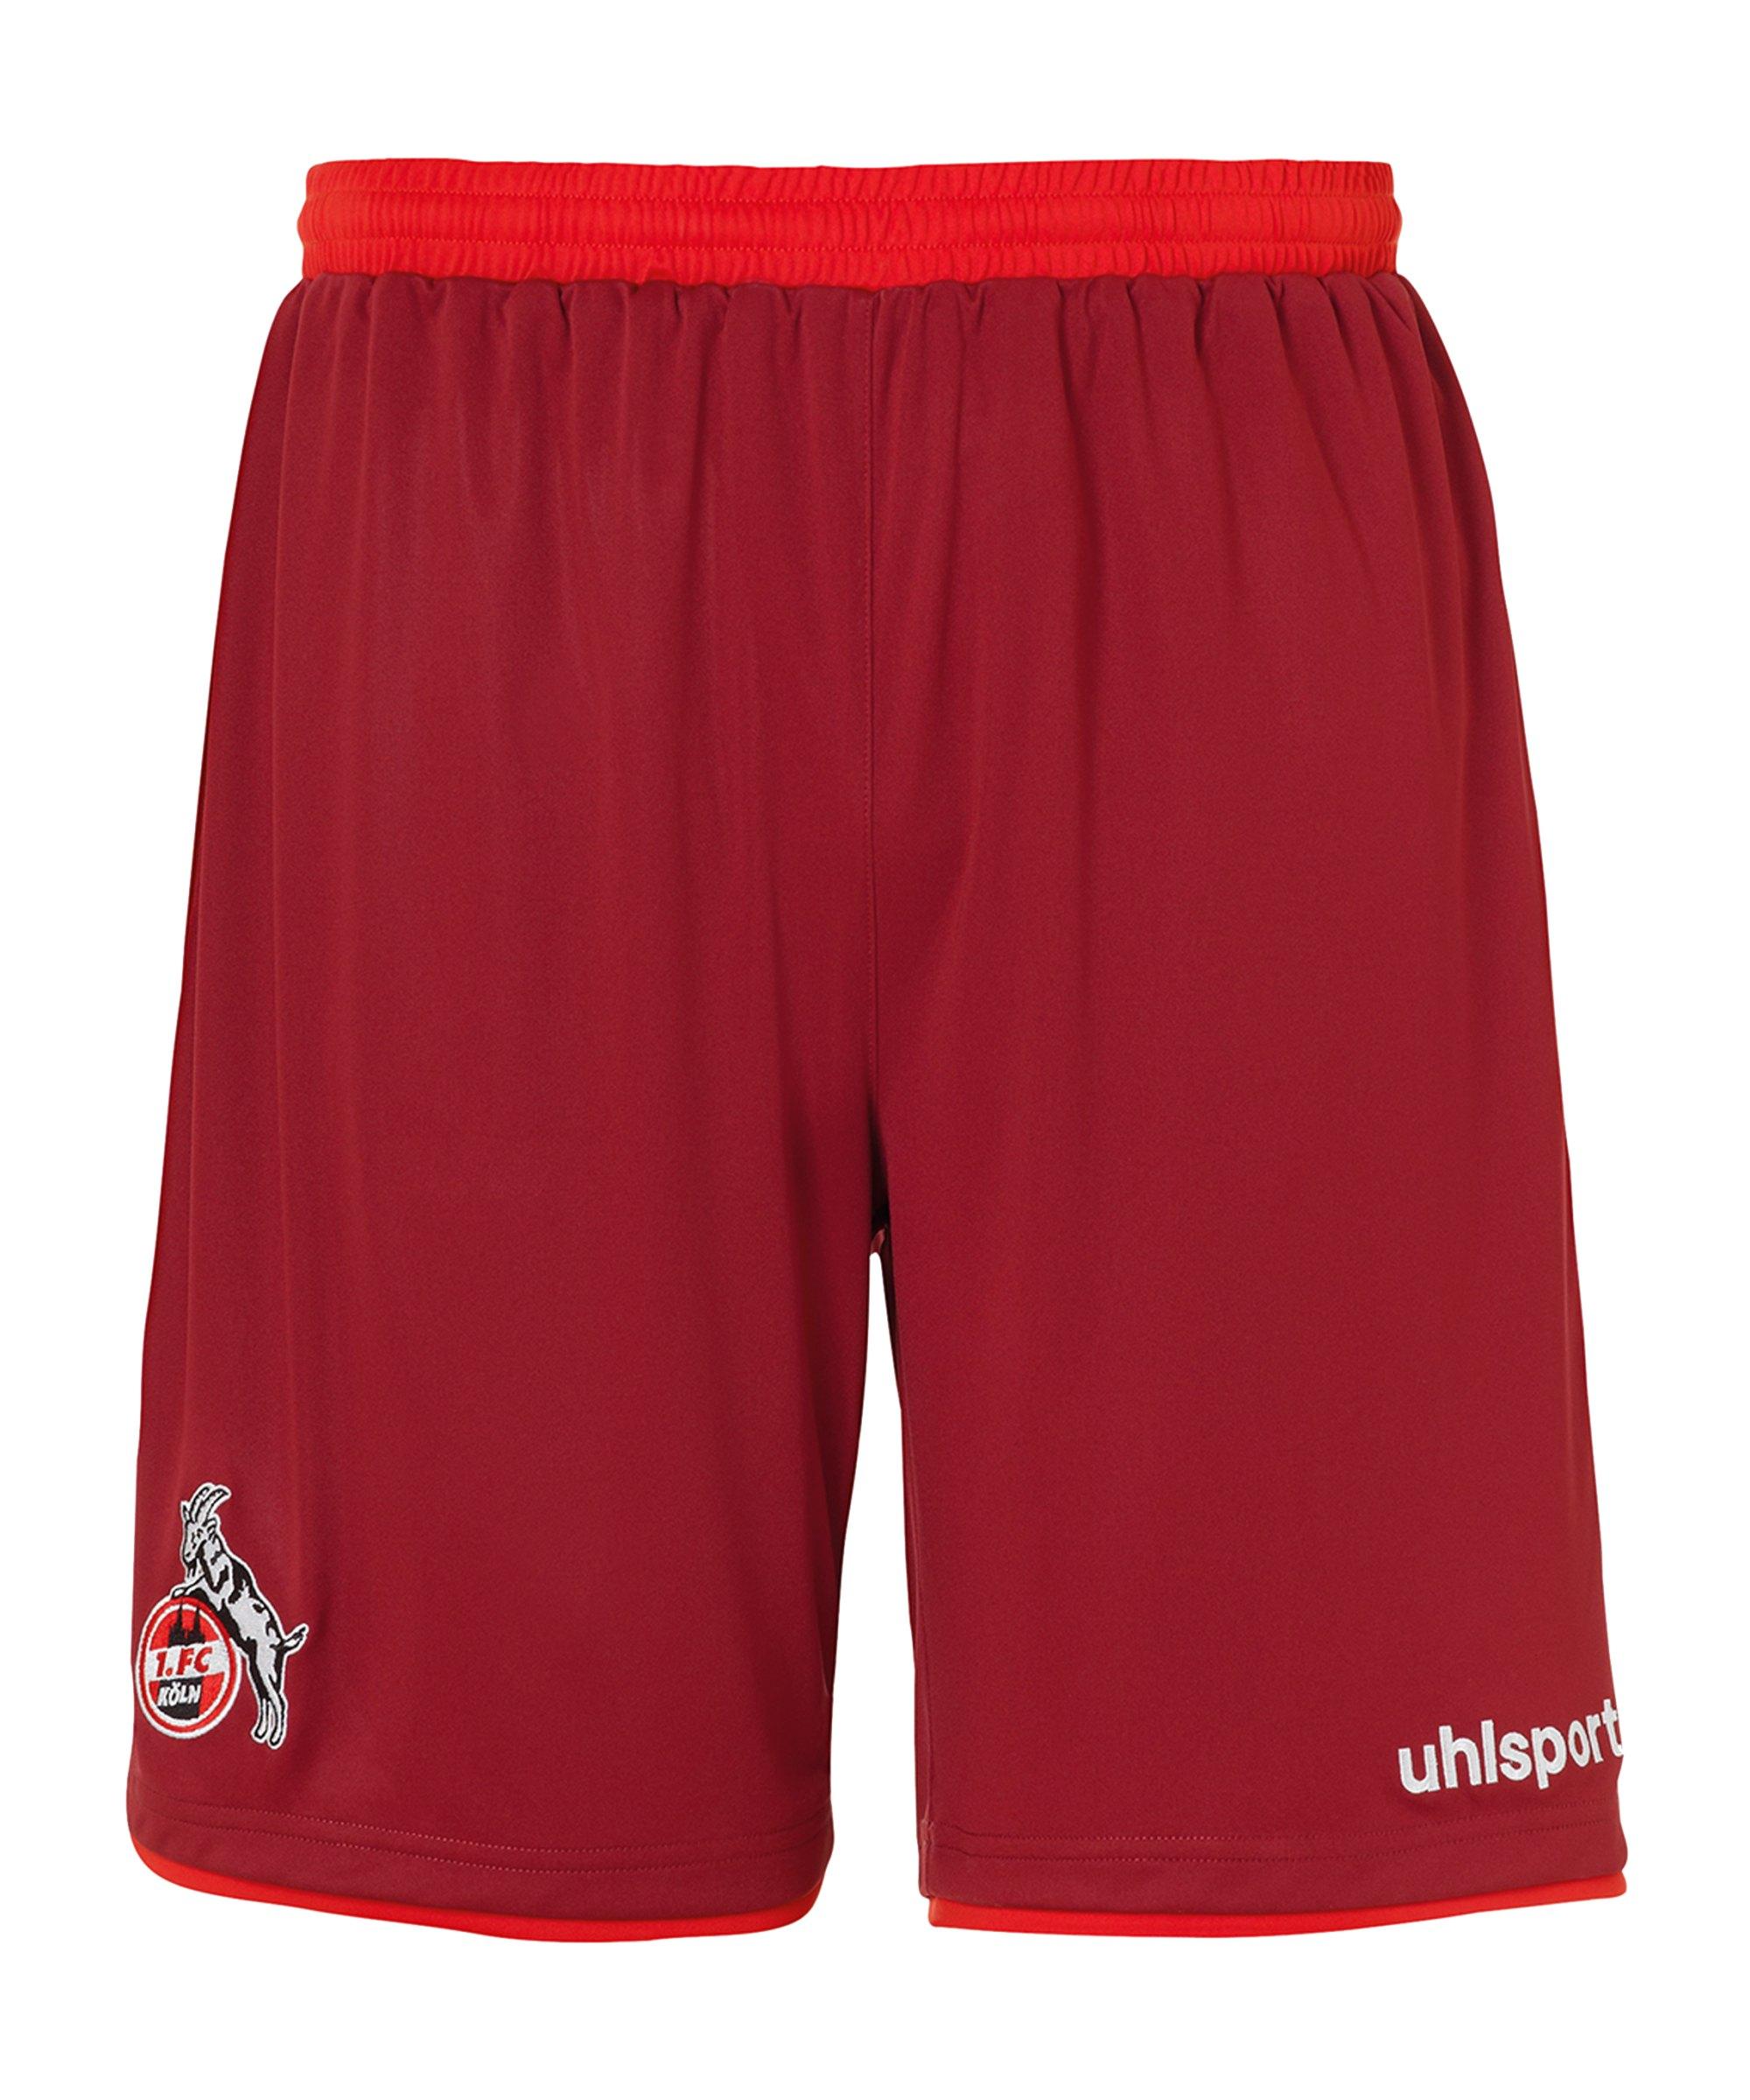 Uhlsport 1. FC Köln Short Away 2020/2021 - rot